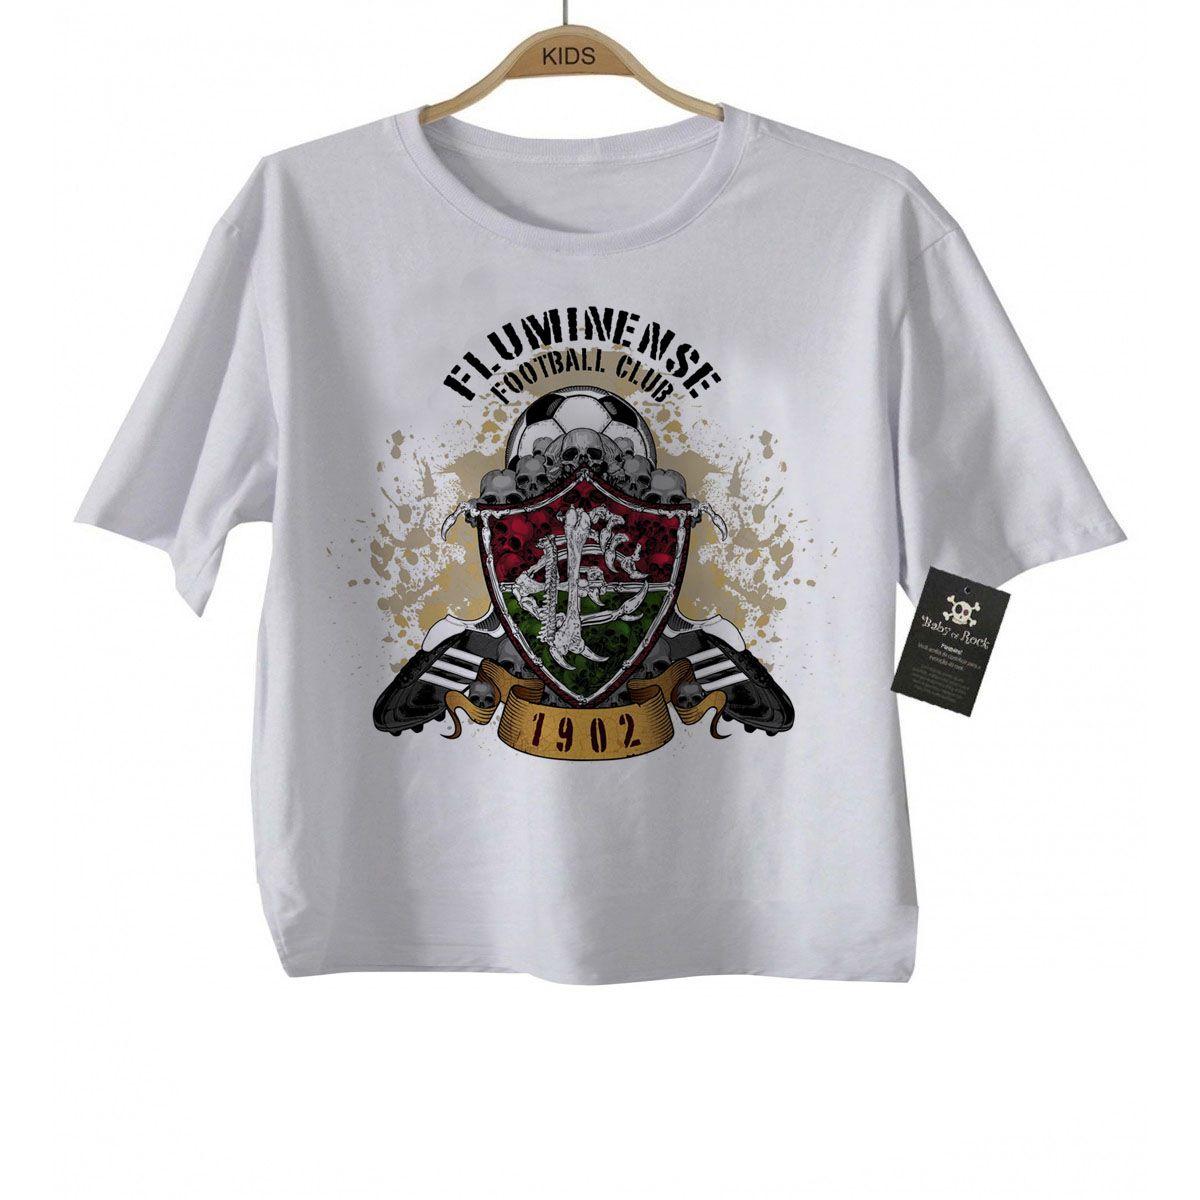 Camiseta Infantil Fluminenses Futebol Time - White  - Baby Monster S/A